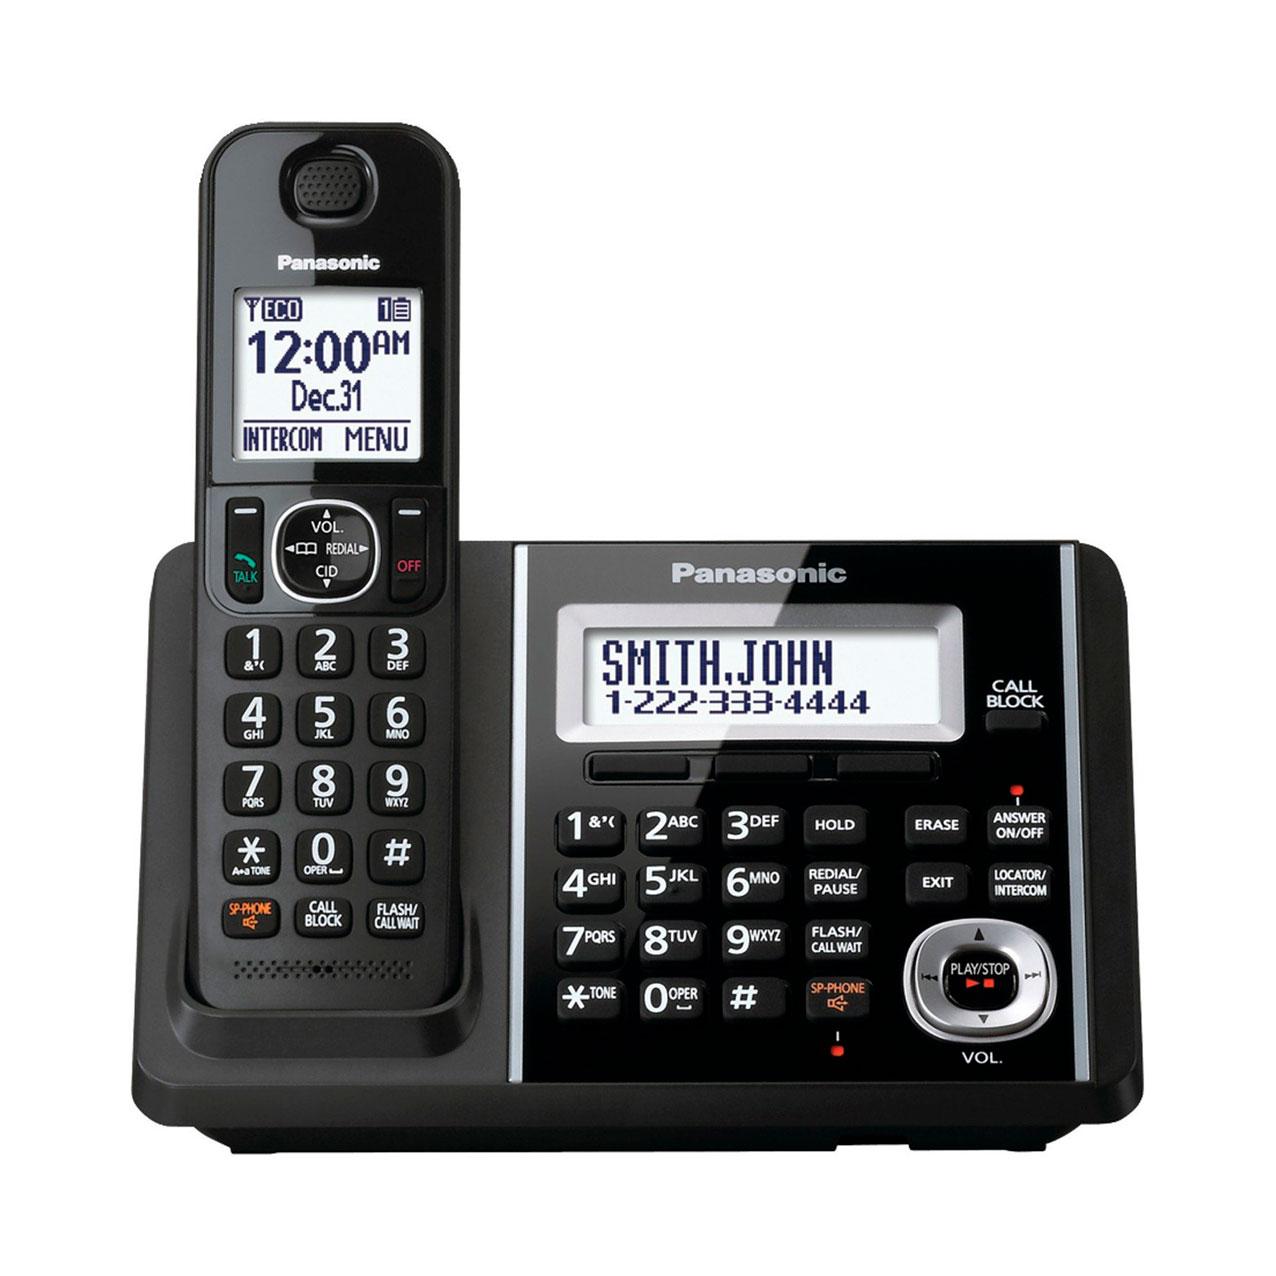 تلفن بیسیم پاناسونیک مدل Panasonic-KX-TGF340 ساخت مالزی سفارش آمریکا